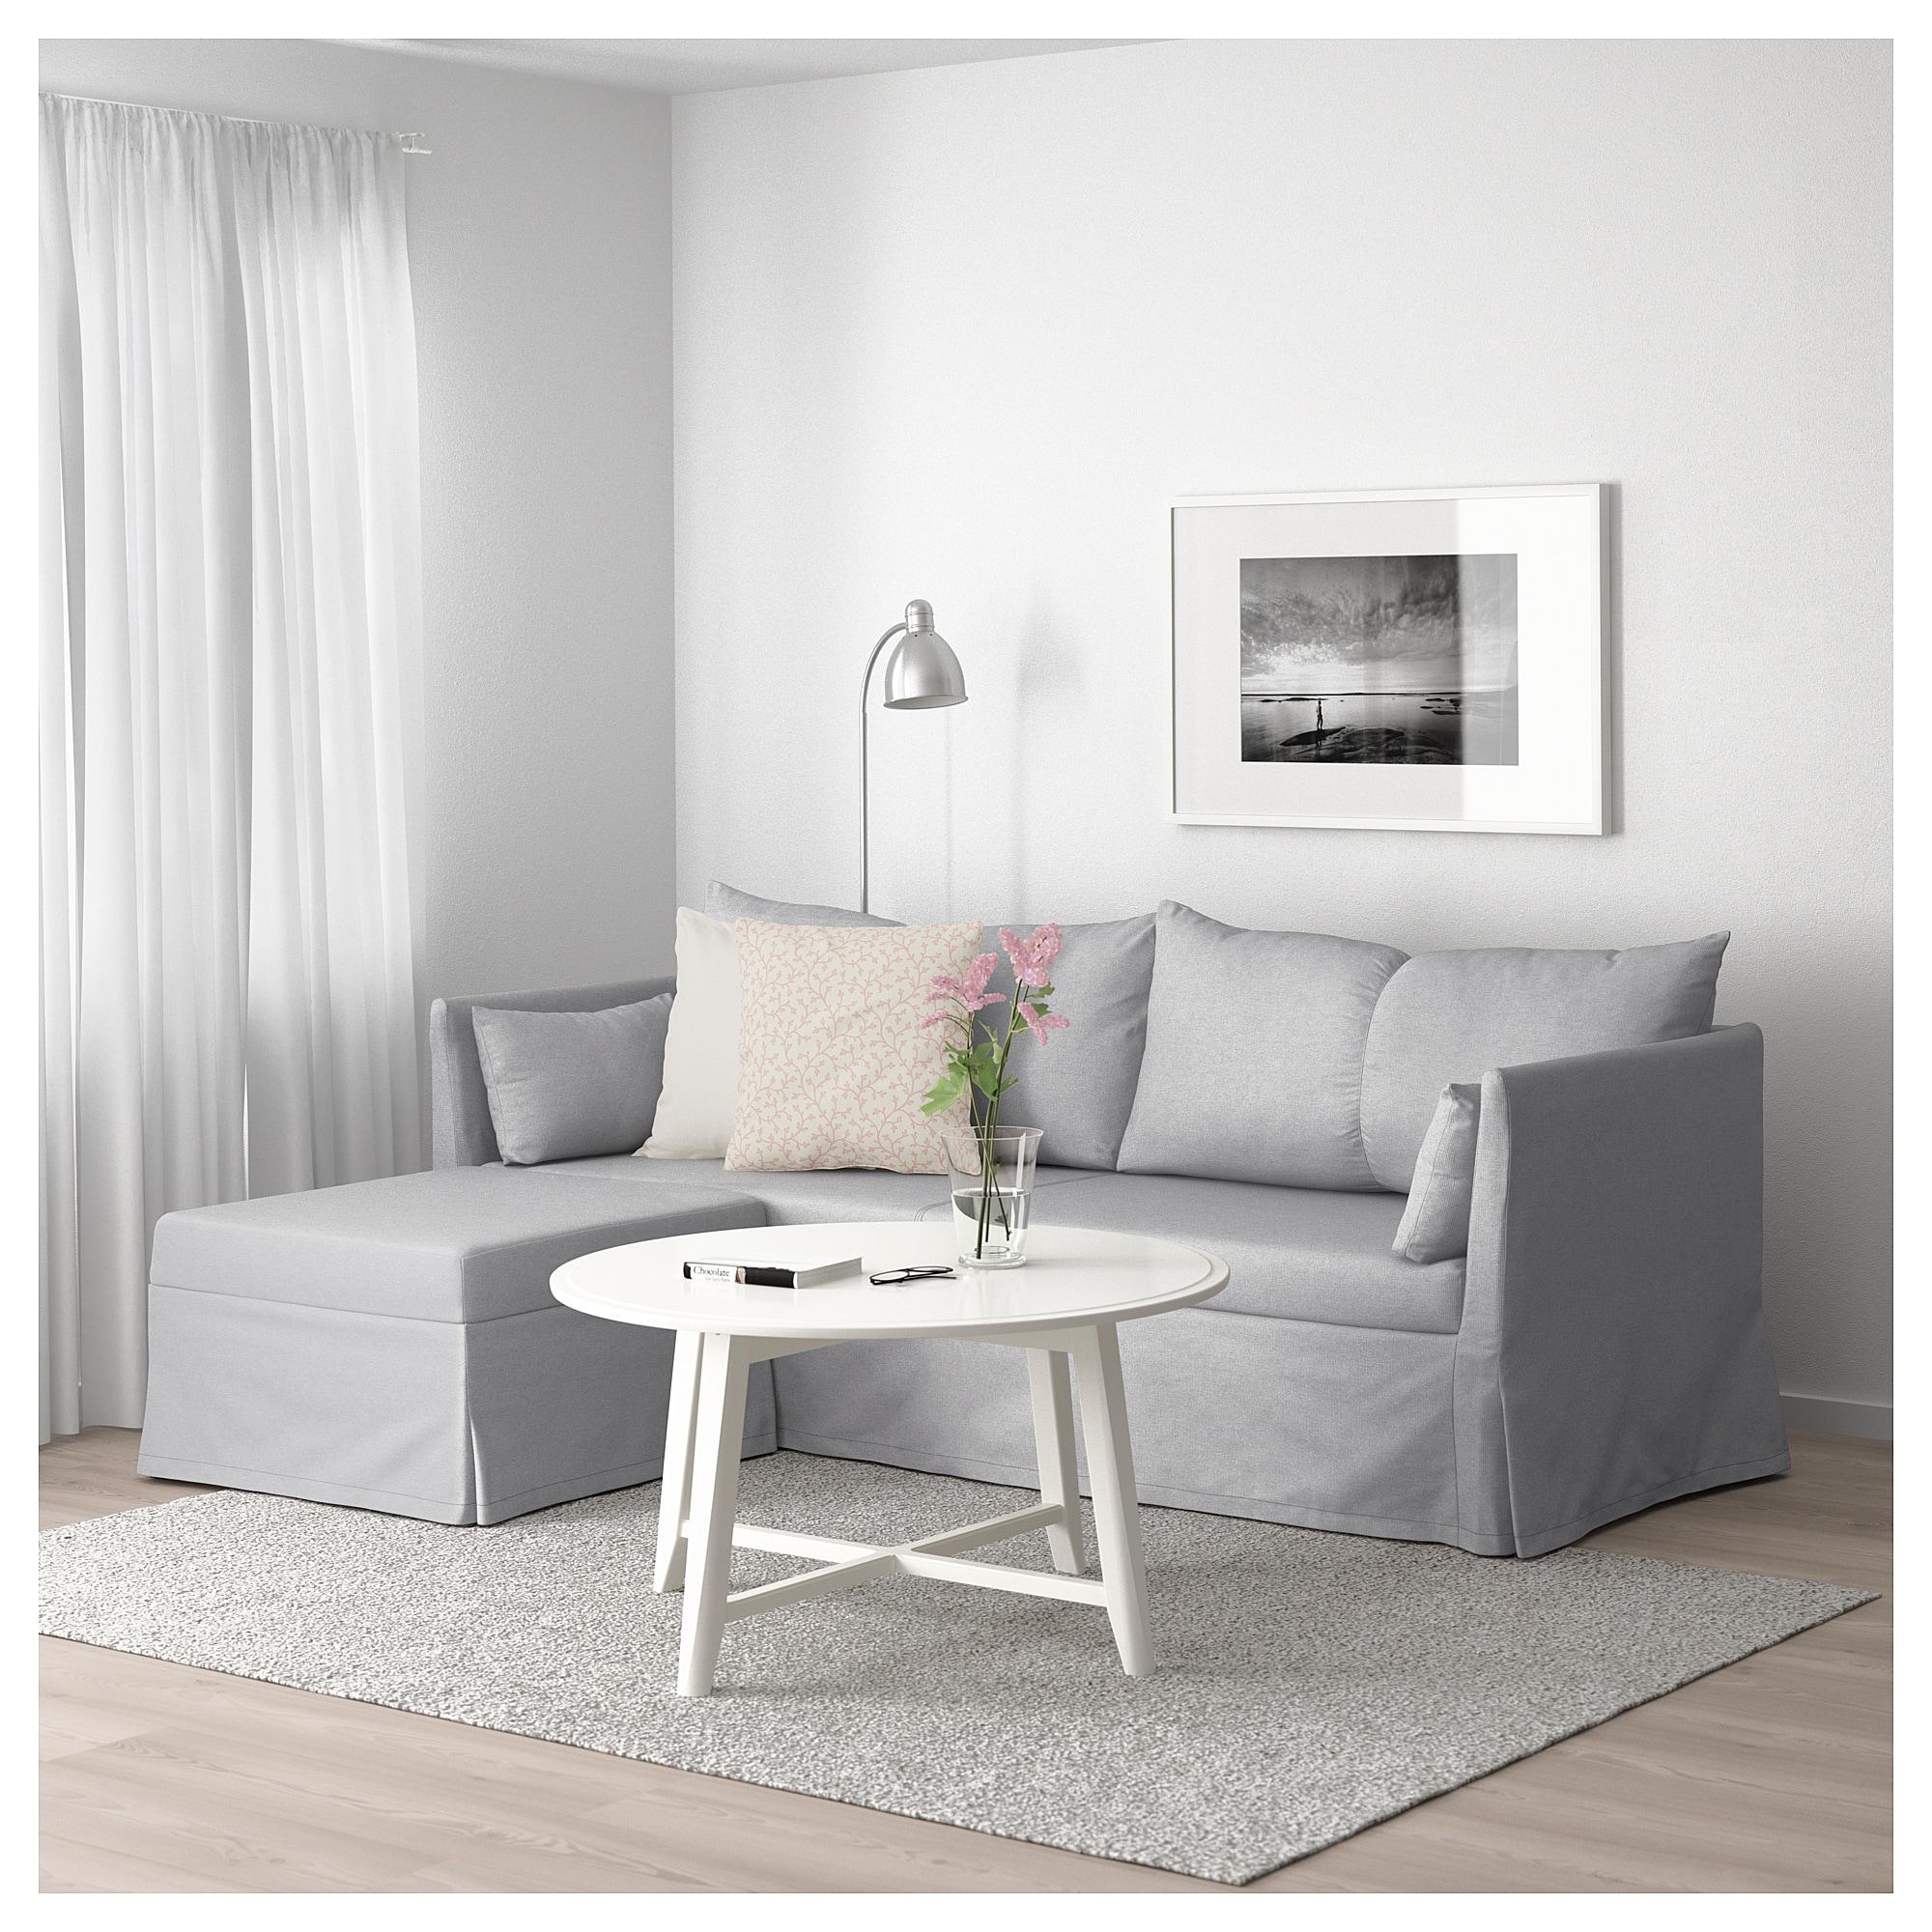 IKEA Sandbacken